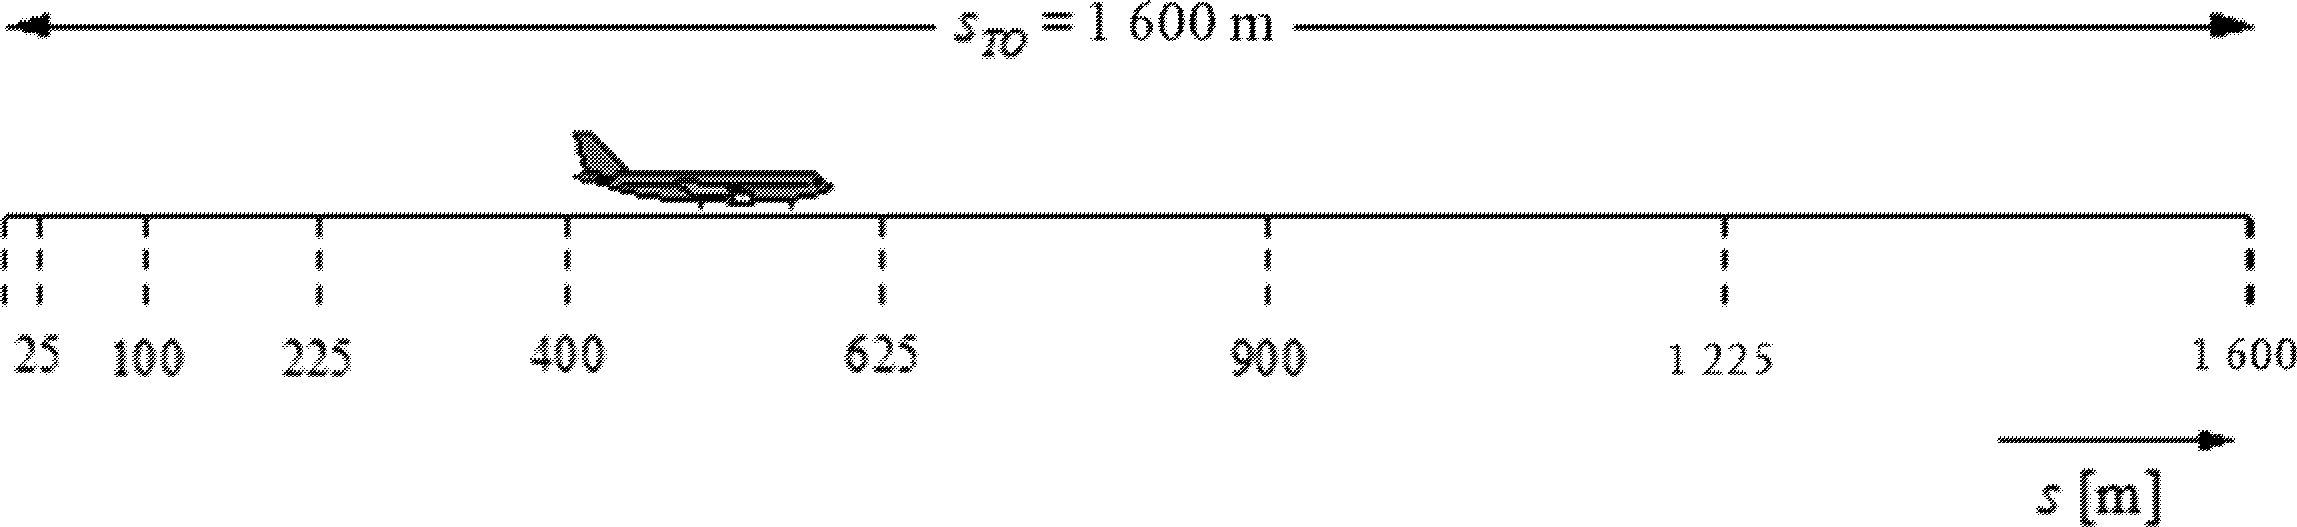 EUR-Lex - 02002L0049-20150702 - EN - EUR-Lex